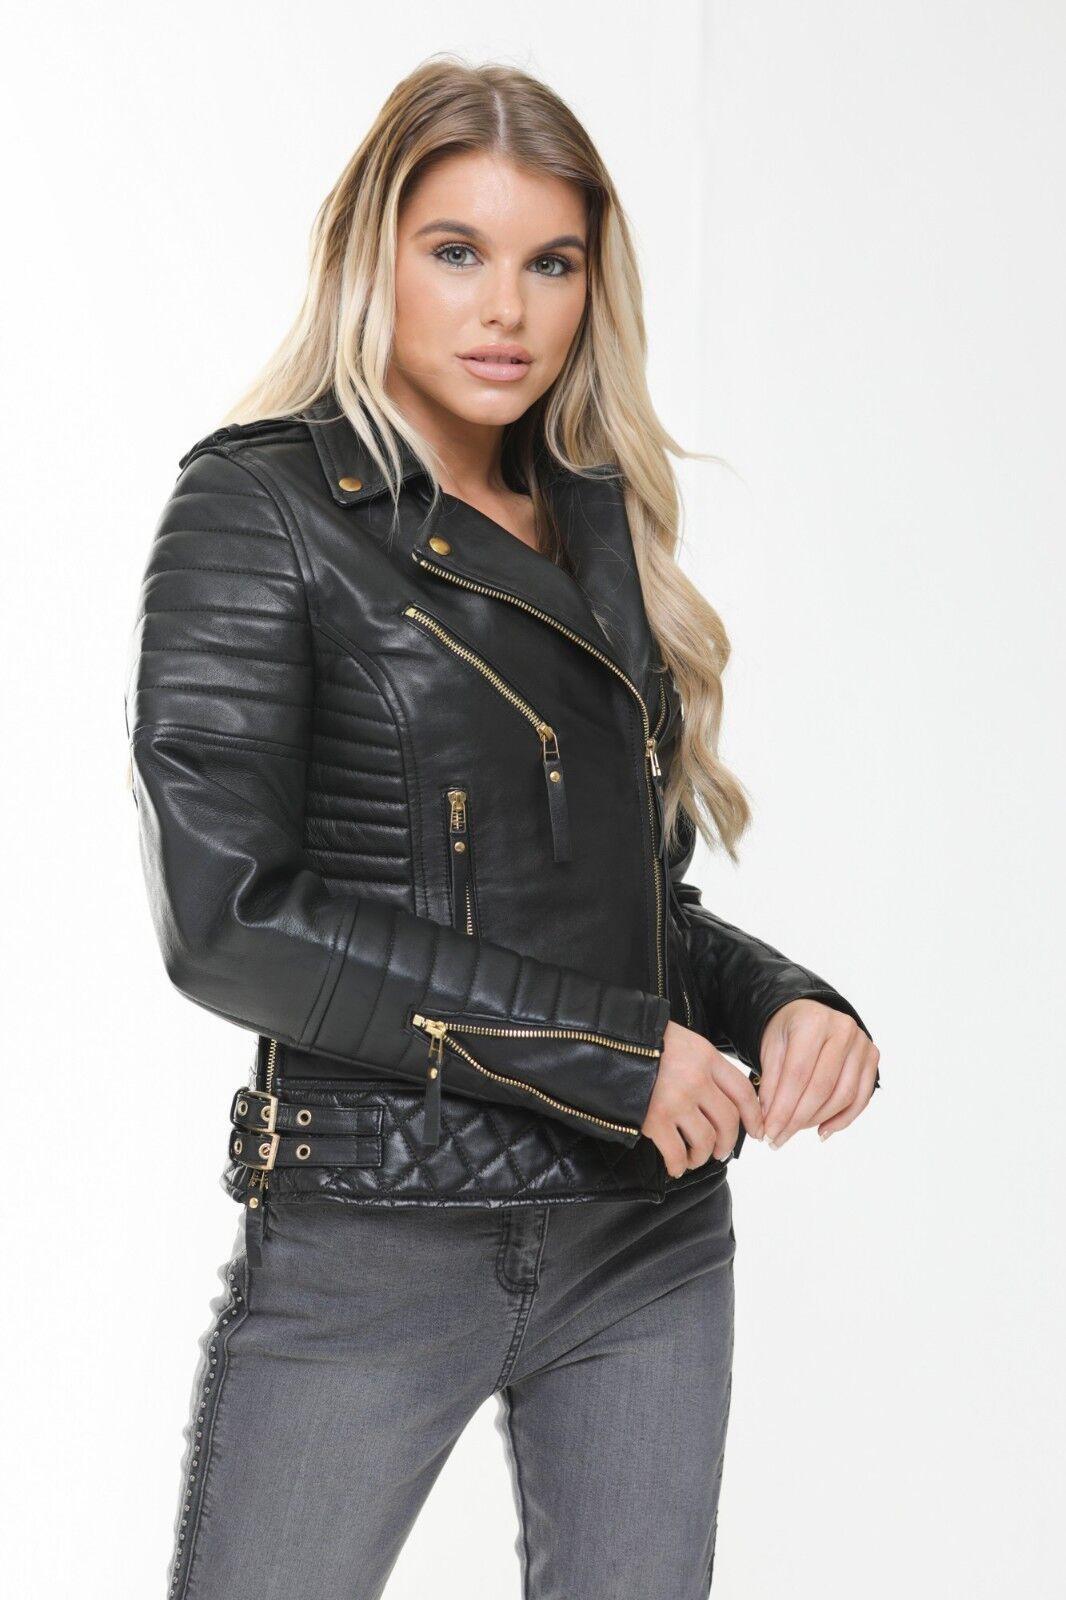 Subalmacén de señora real curtidas  Biker estilo señora chaqueta de cuero slim fit  marca